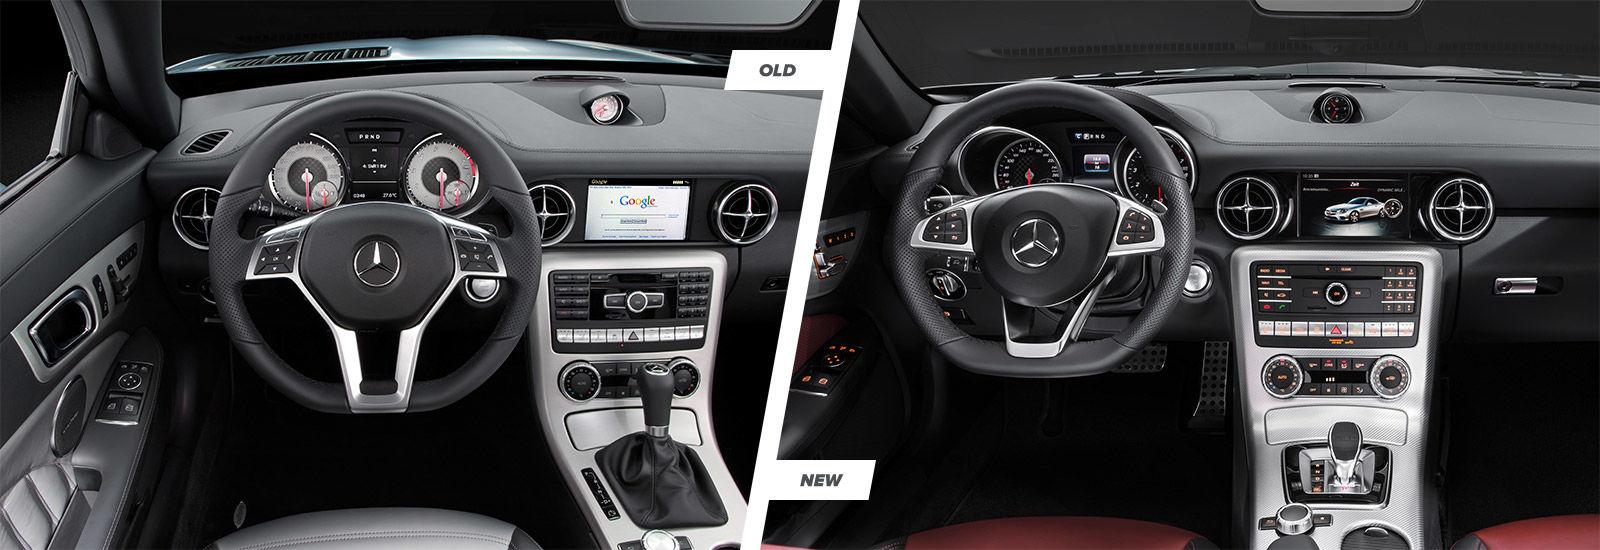 Mercedes Slc Vs Slk Facelift Comparison Carwow